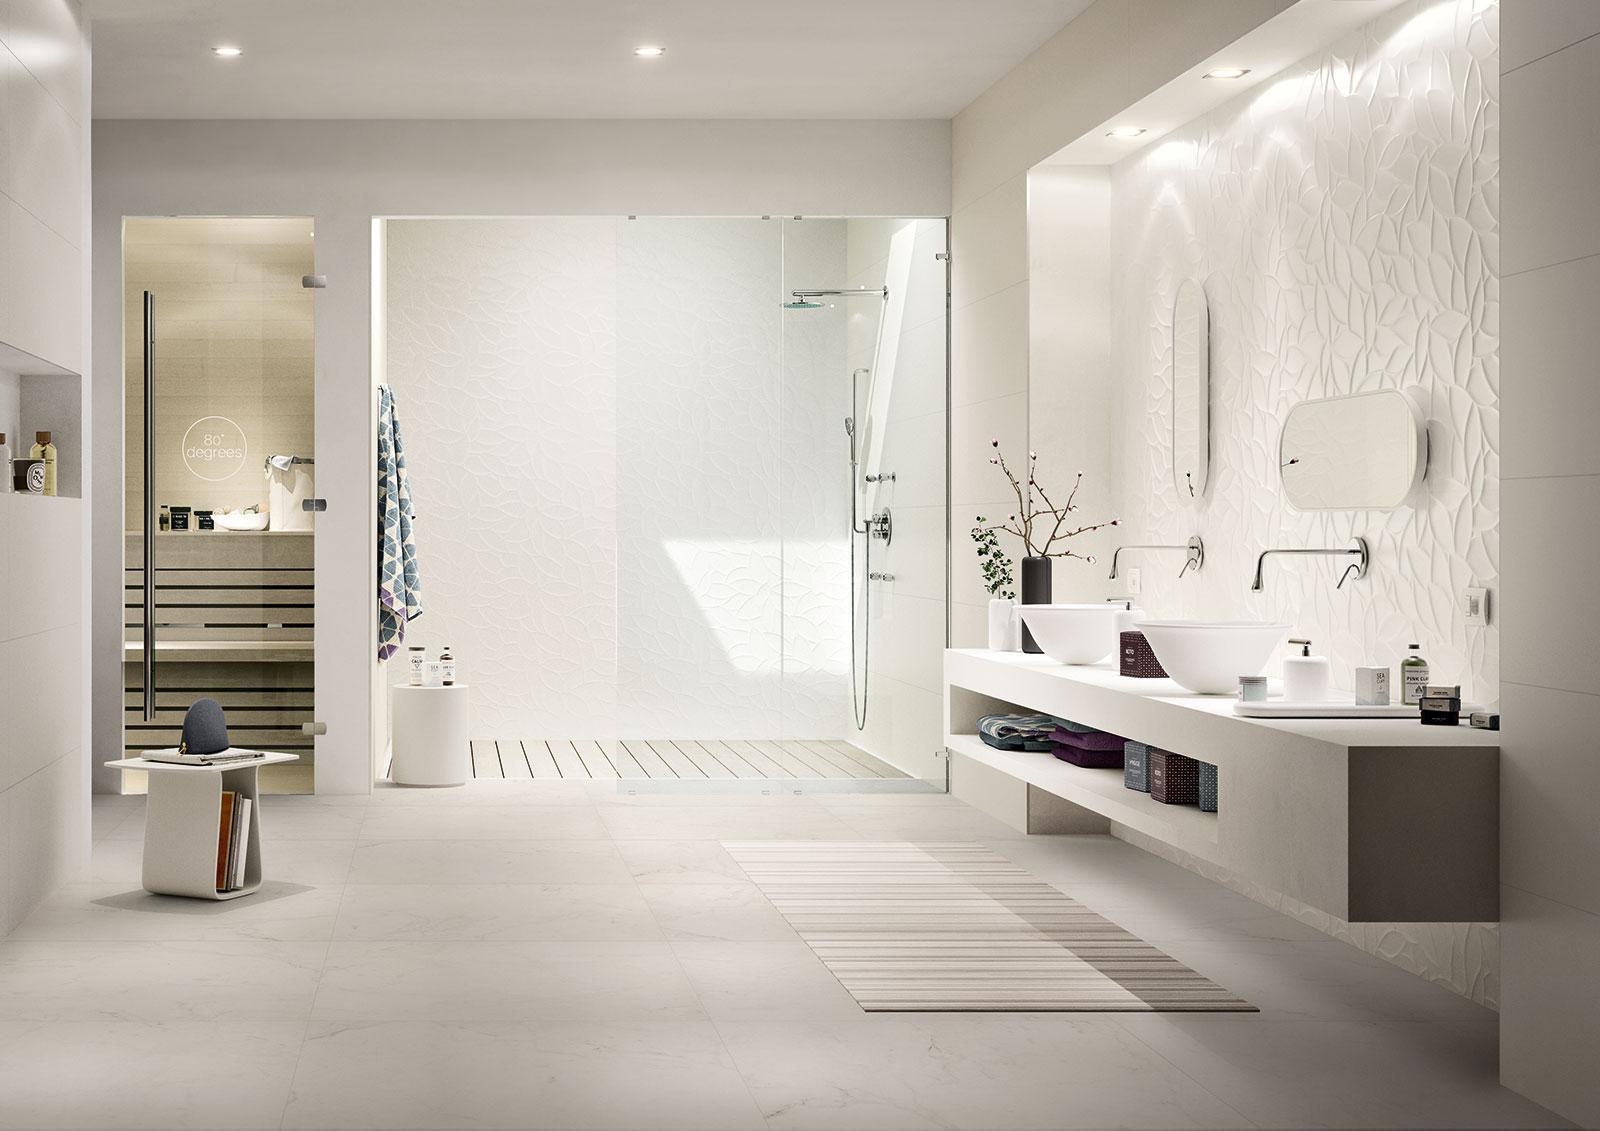 Essenziale - Carrelage blanc pour salle de bain structures 3D | Marazzi